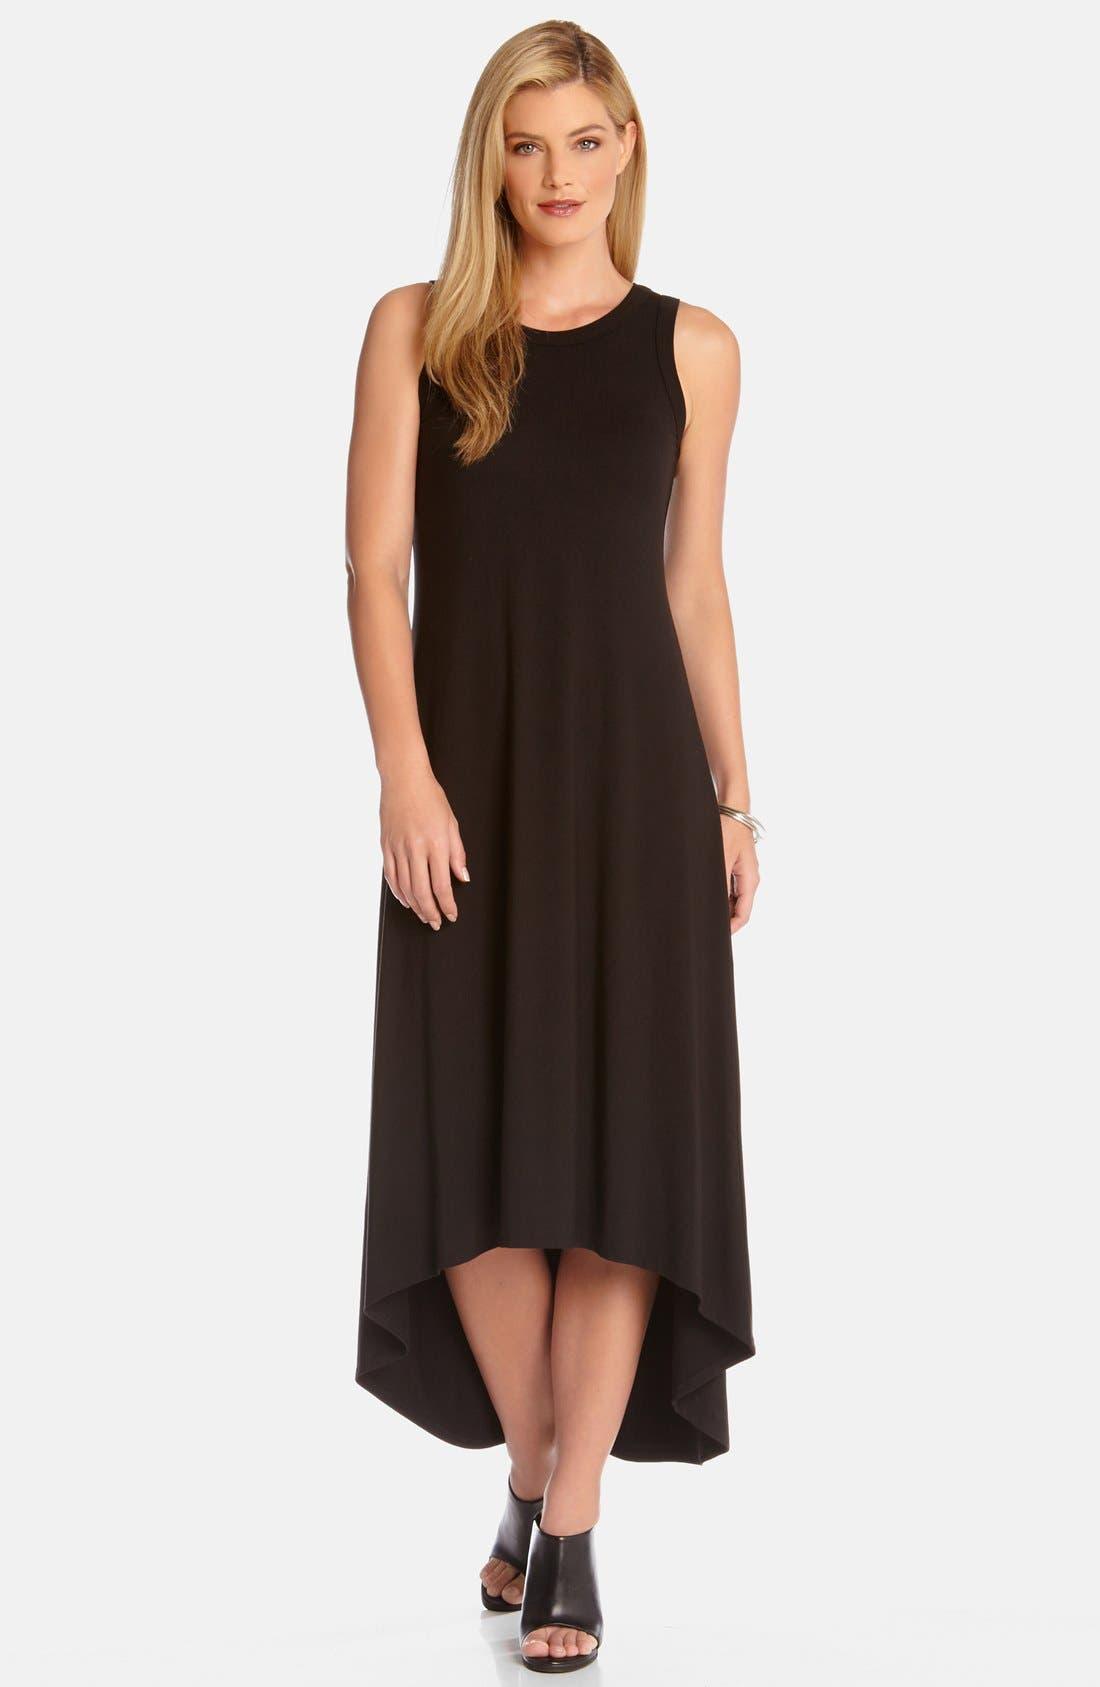 Alternate Image 1 Selected - Karen Kane High/Low Sleeveless Maxi Dress